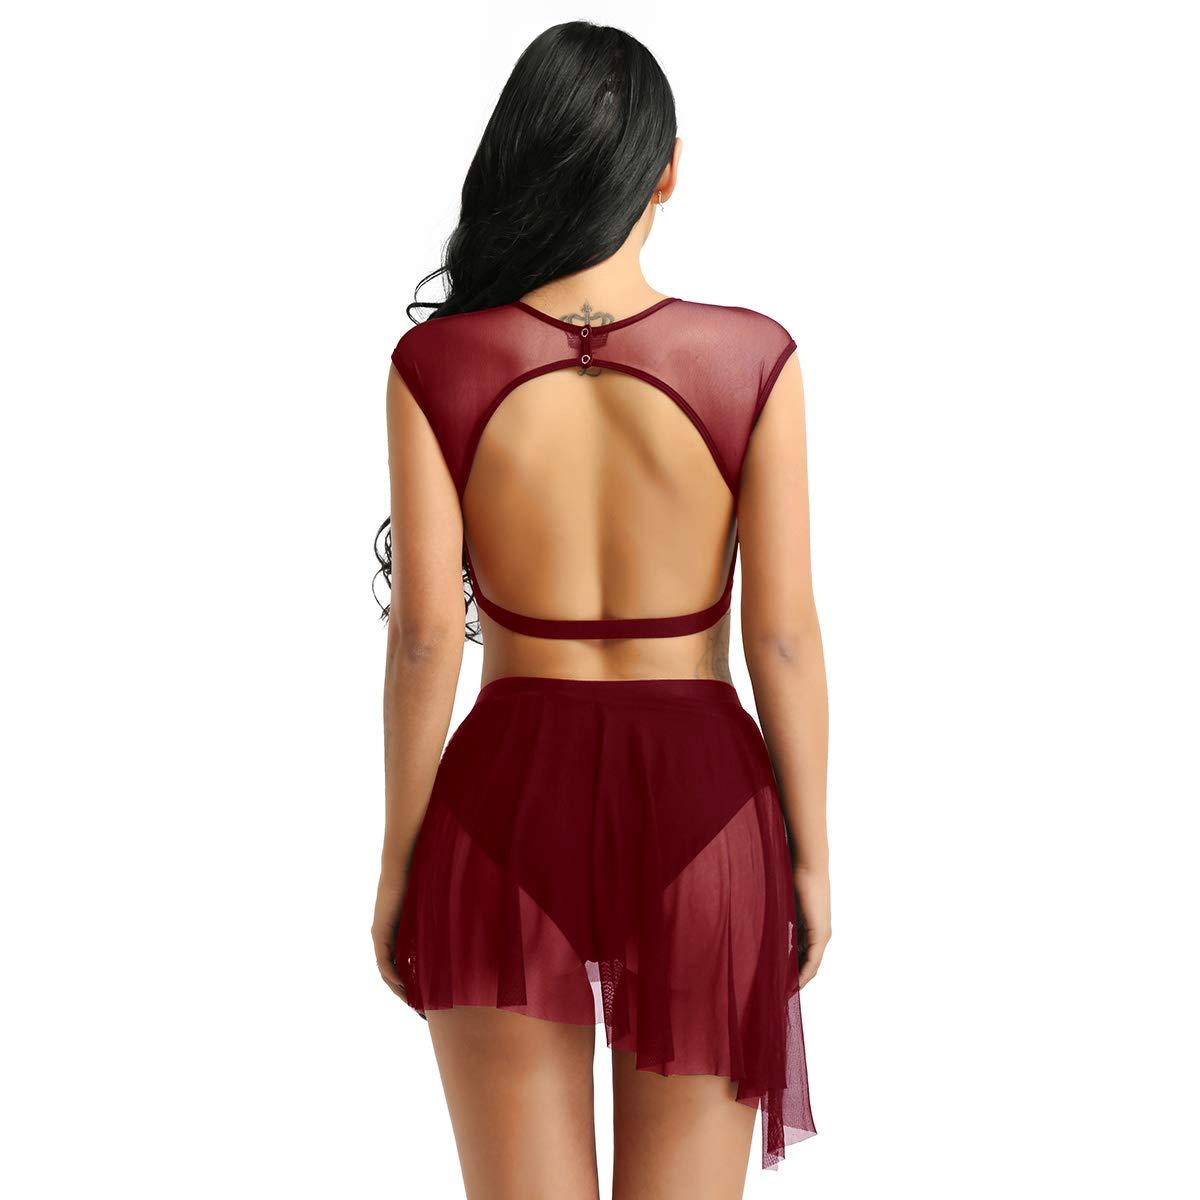 Jupe de Danse XS-XL Freebily 2 pcs Maillots V/êtements de Danse Gym Femmes Adulte Justaucorps de Ballet Latin Asym/étrique Tenues pour Danse Performances Crop Tops